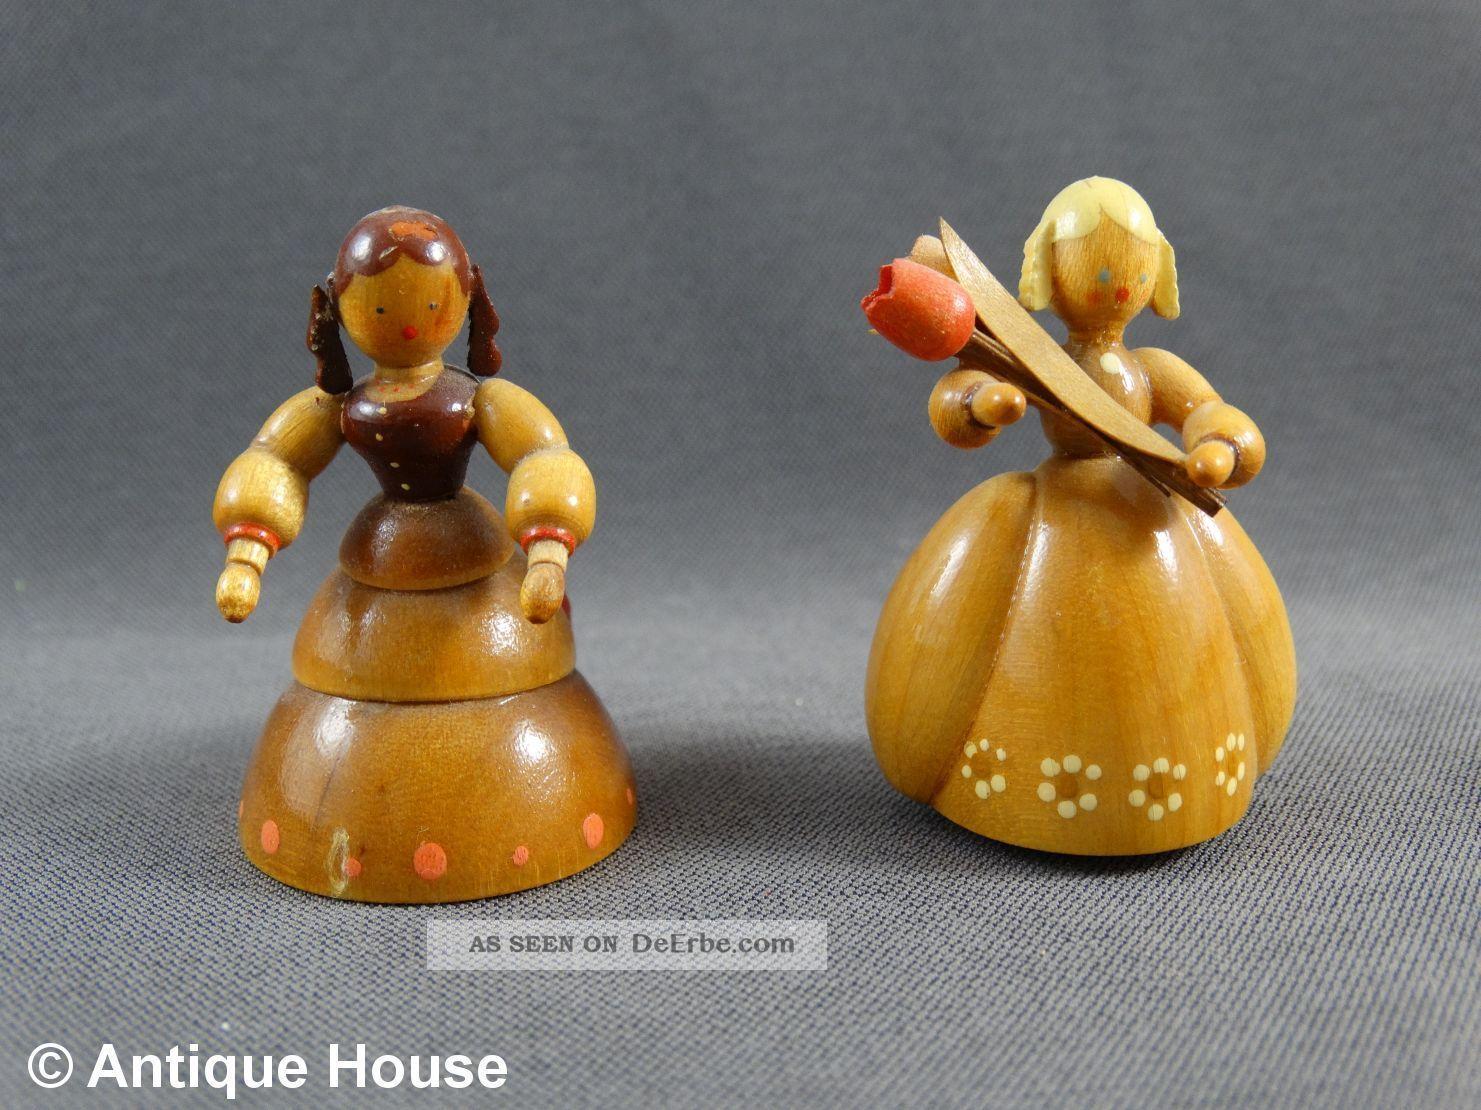 Erzgebirge Volkskunst Gahlenz 2 Holzfiguren Biermeier Damen Objekte nach 1945 Bild